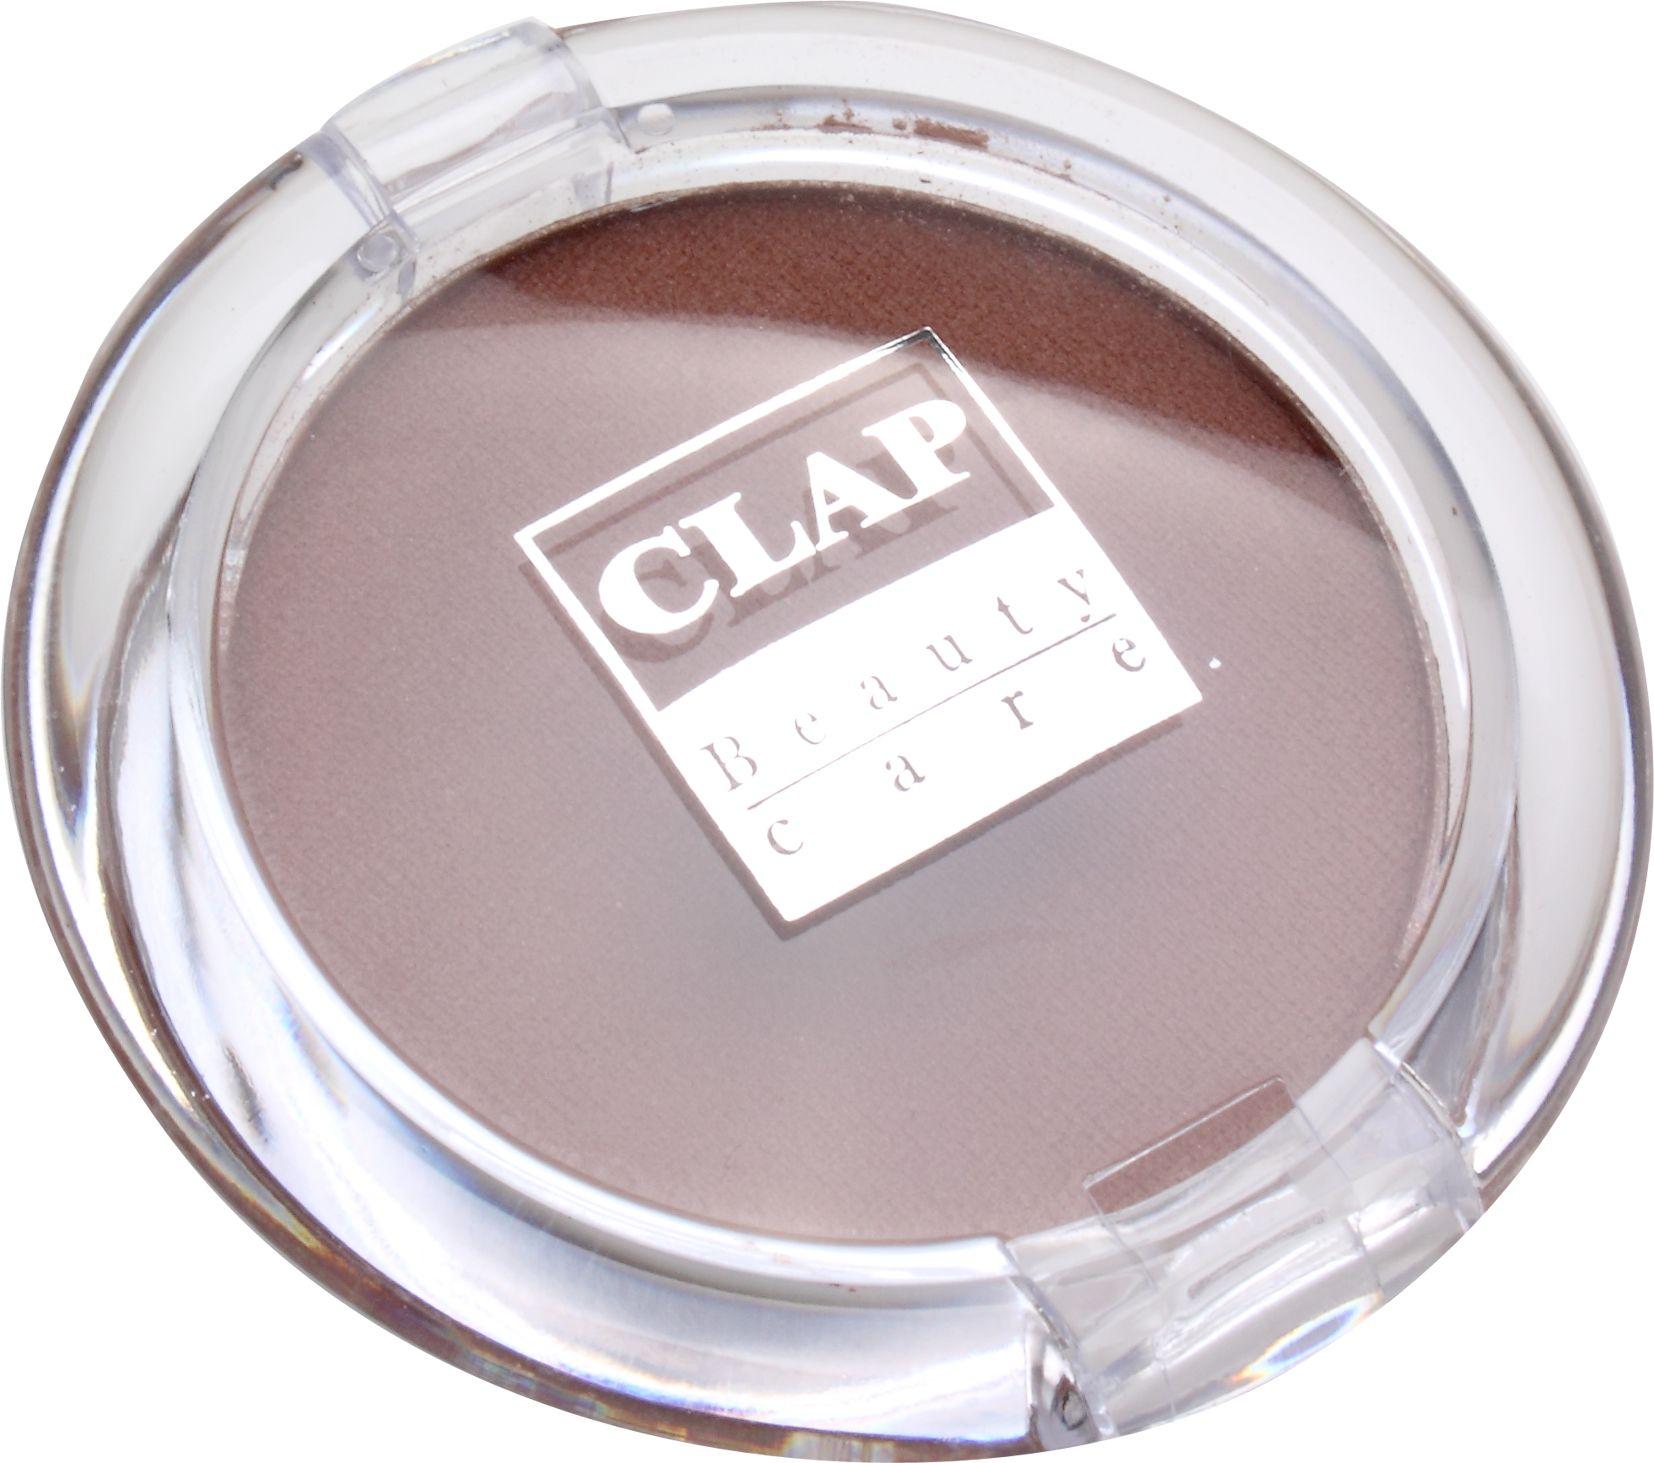 Sombra para Ojos Clap Color Marrón Claro  http://jaykay.openshopen.com.pa/c:menu-1/c:clap/sombra-para-ojos-clap-color-marron-claro